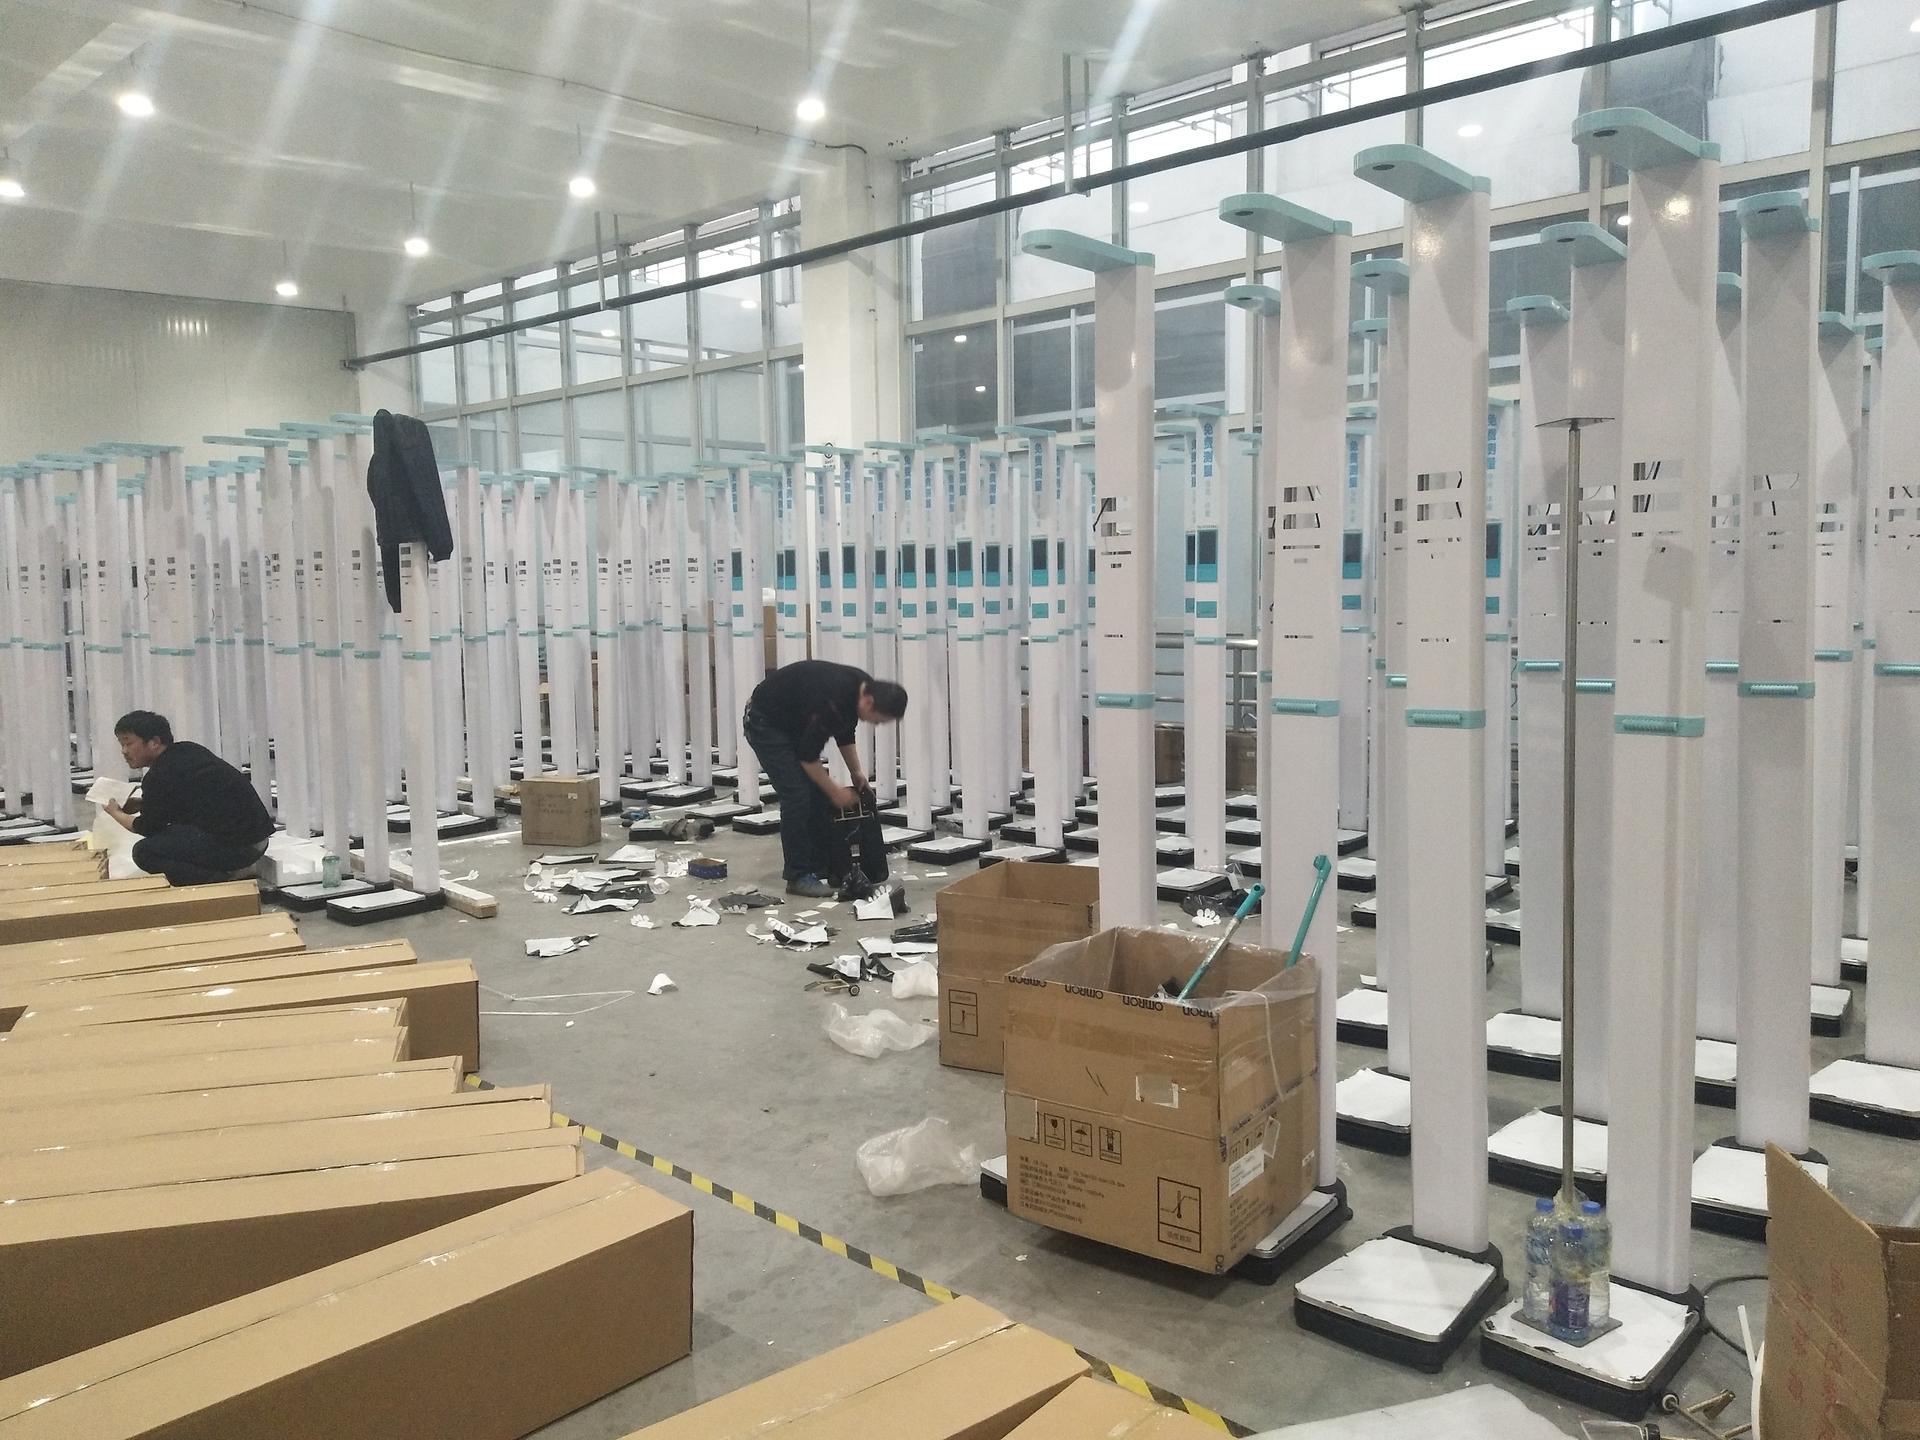 人体身高体重测量仪 超声波身高体重称 郑州上禾智能互联网身高体重测量仪 超声波身高体重体脂测量一体机上禾SH-900G示例图3